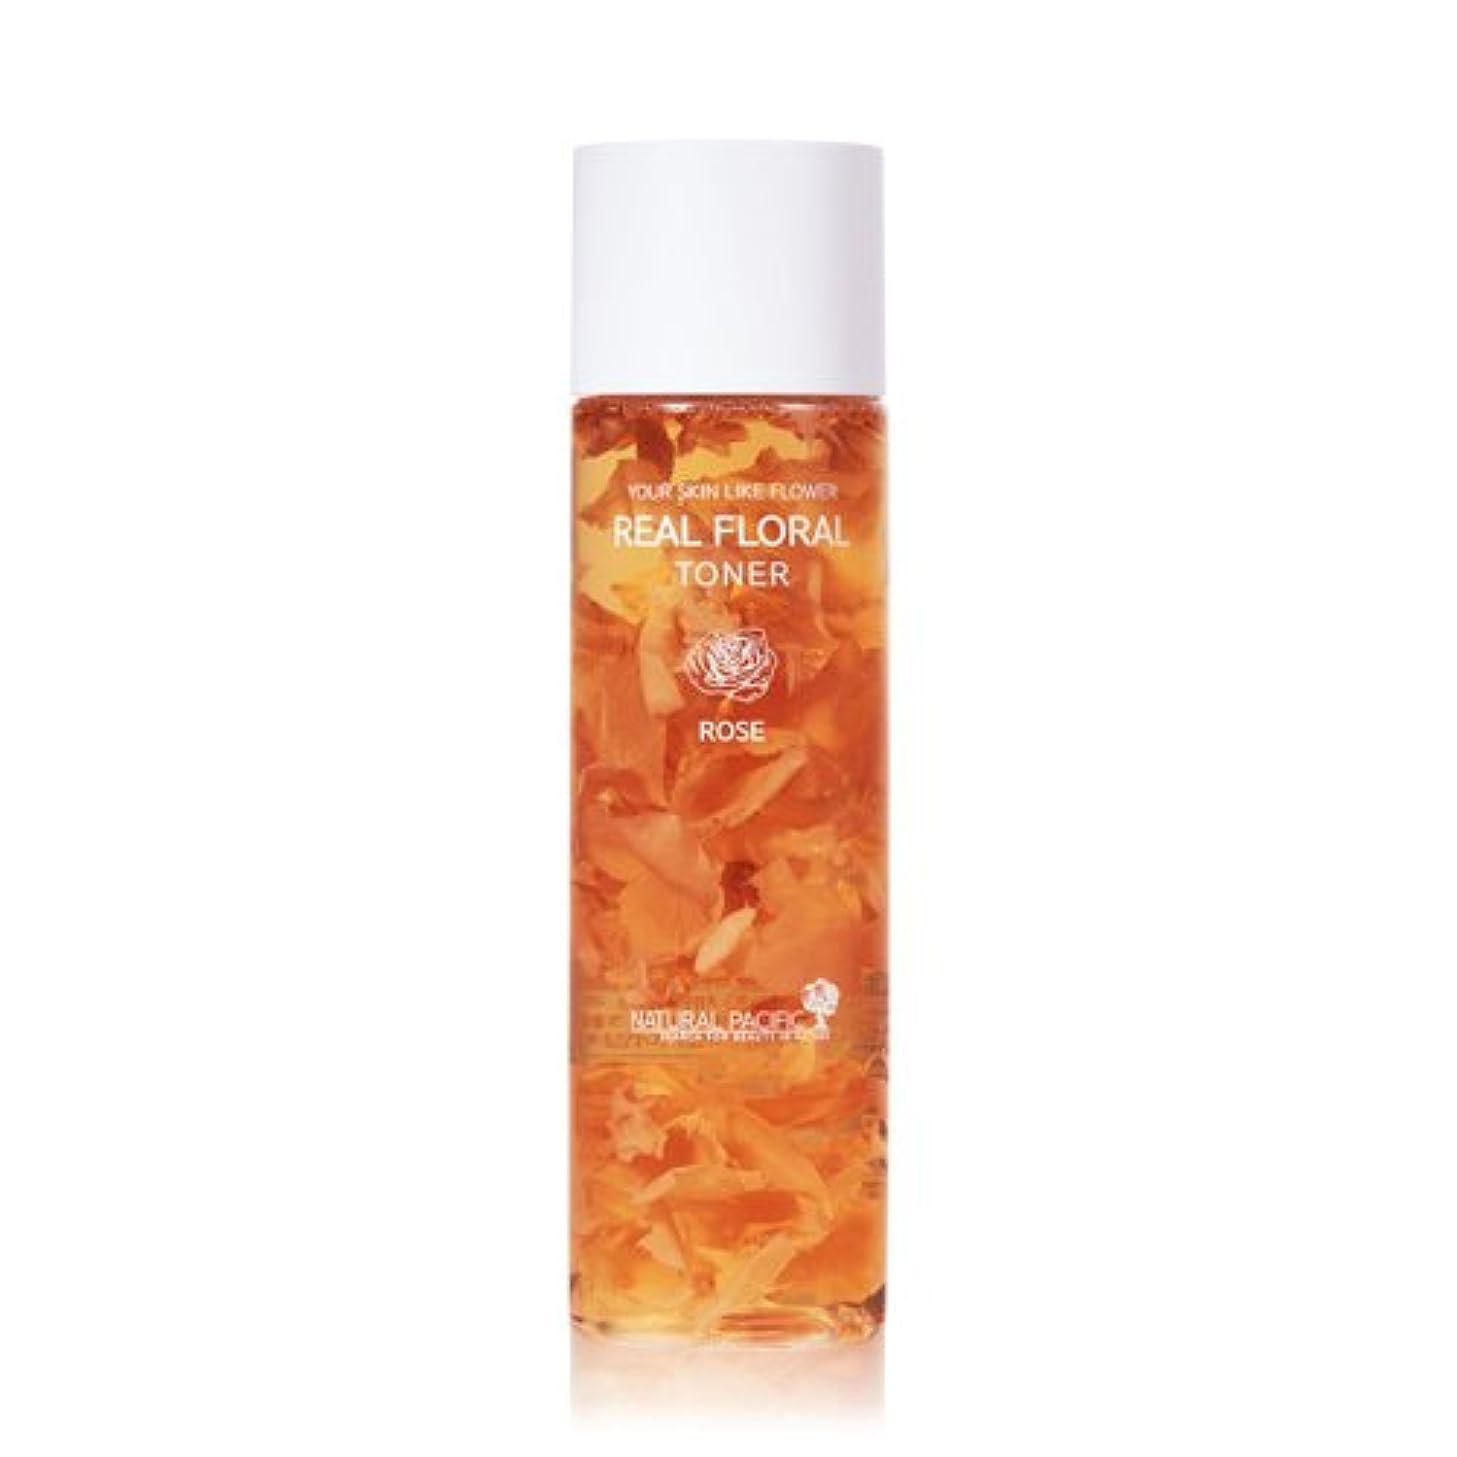 疑わしい踏み台中央値NATURAL PACIFIC Real Rose Floral Toner 180ml/ナチュラルパシフィック リアル ローズ フローラル トナー 180ml [並行輸入品]